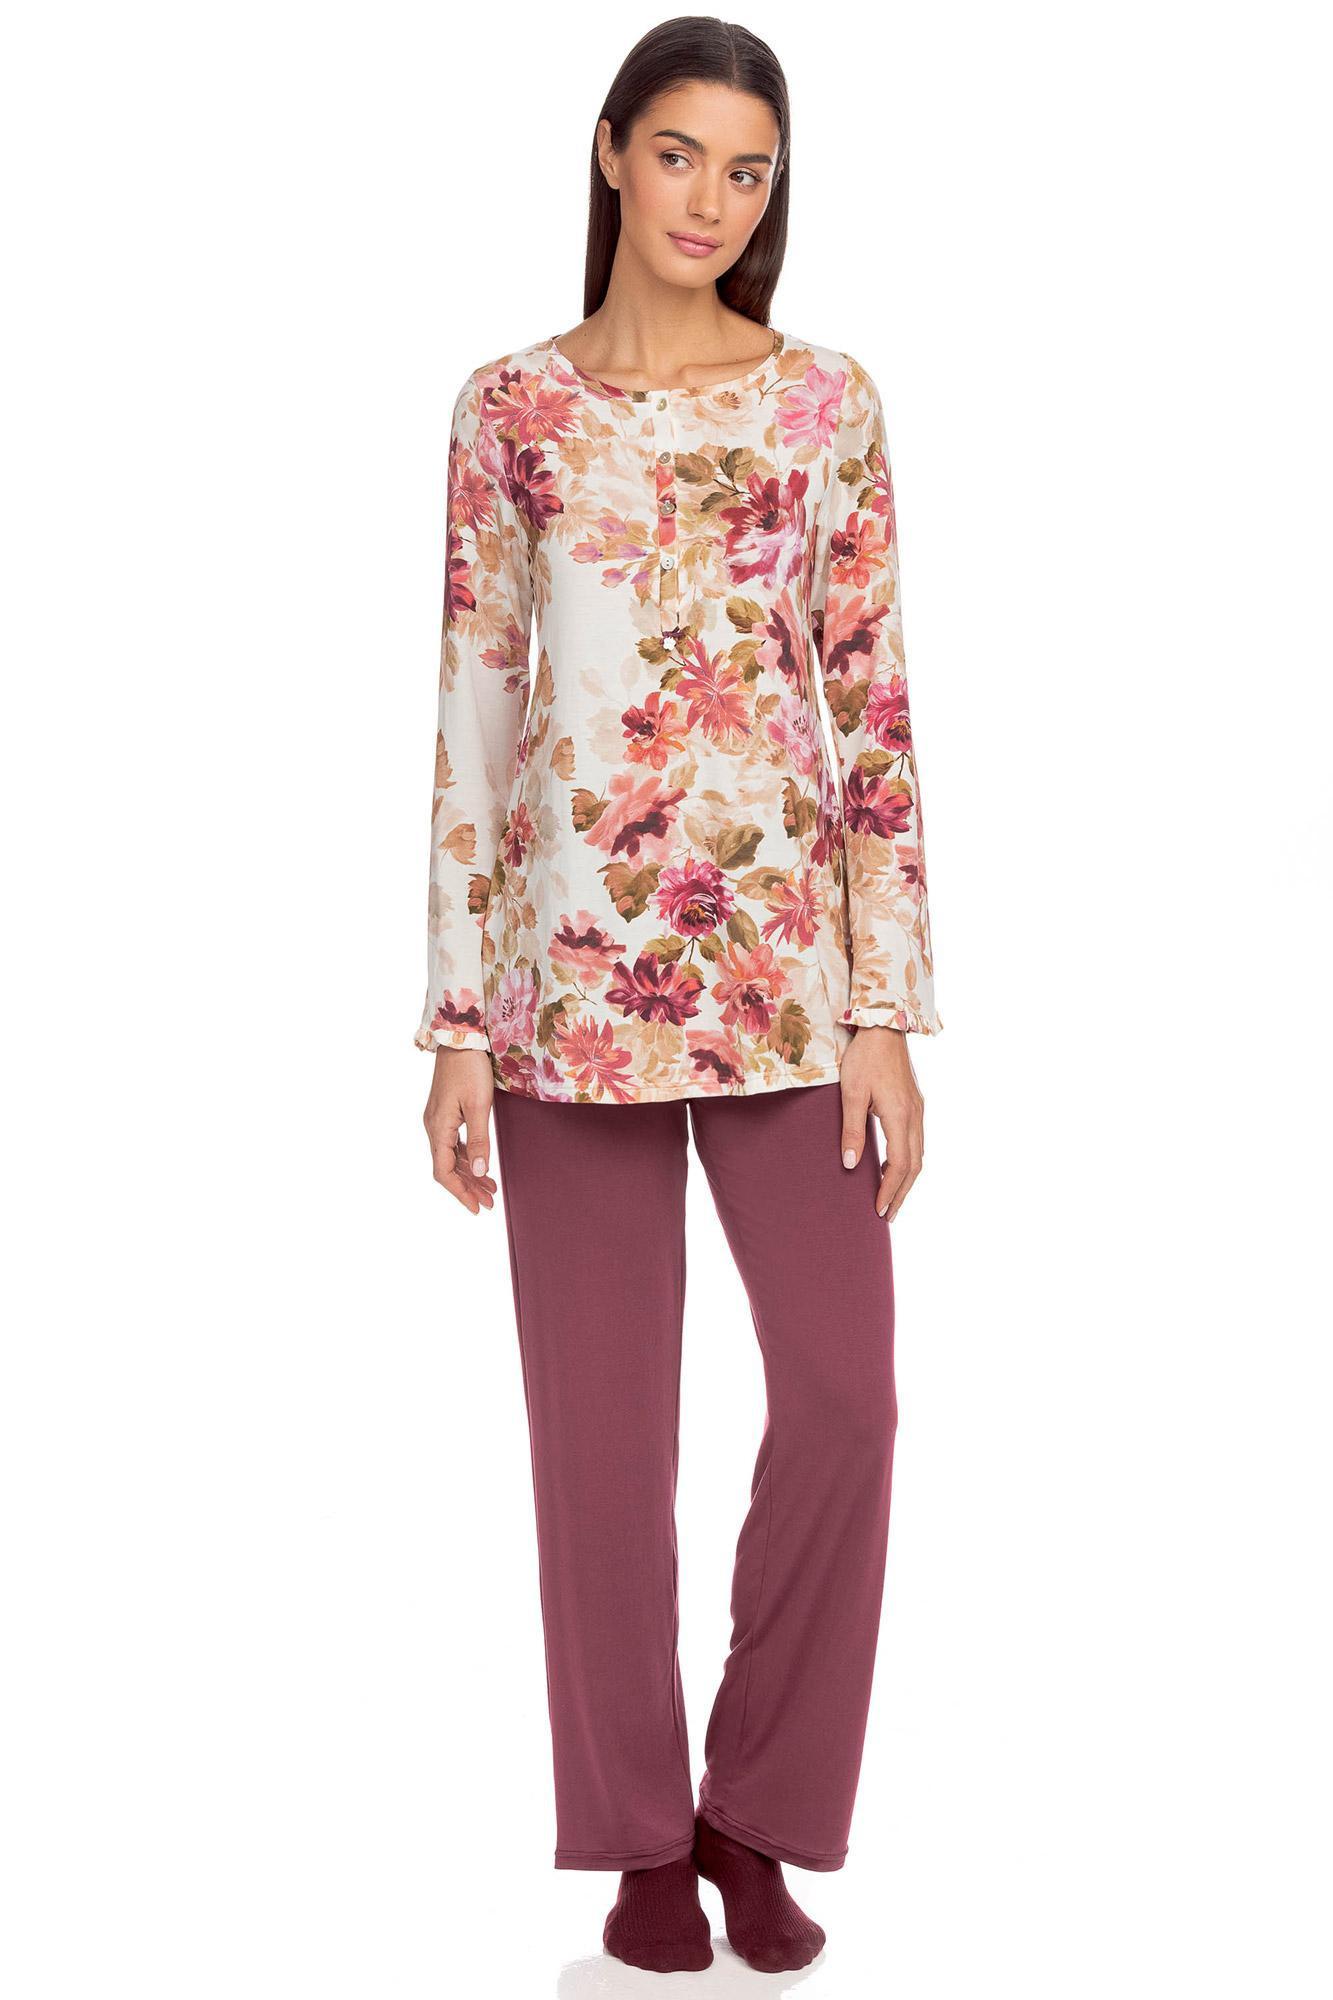 Vamp - Dvoudílné dámské pyžamo Scarlett RED PORTO XL 15078 - Vamp